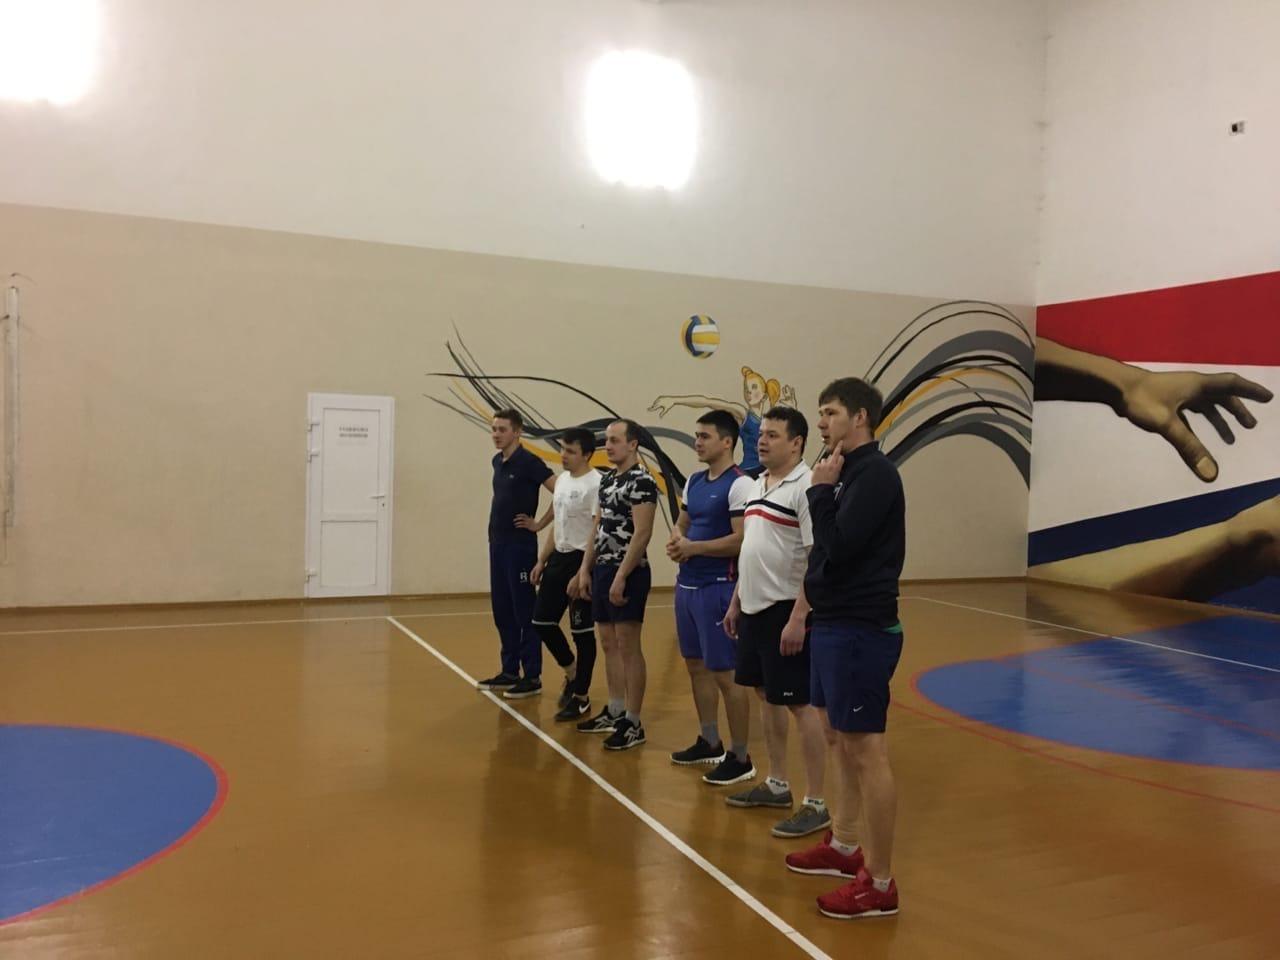 Сотрудники Росгвардии приняли участие в товарищеском матче по волейболу